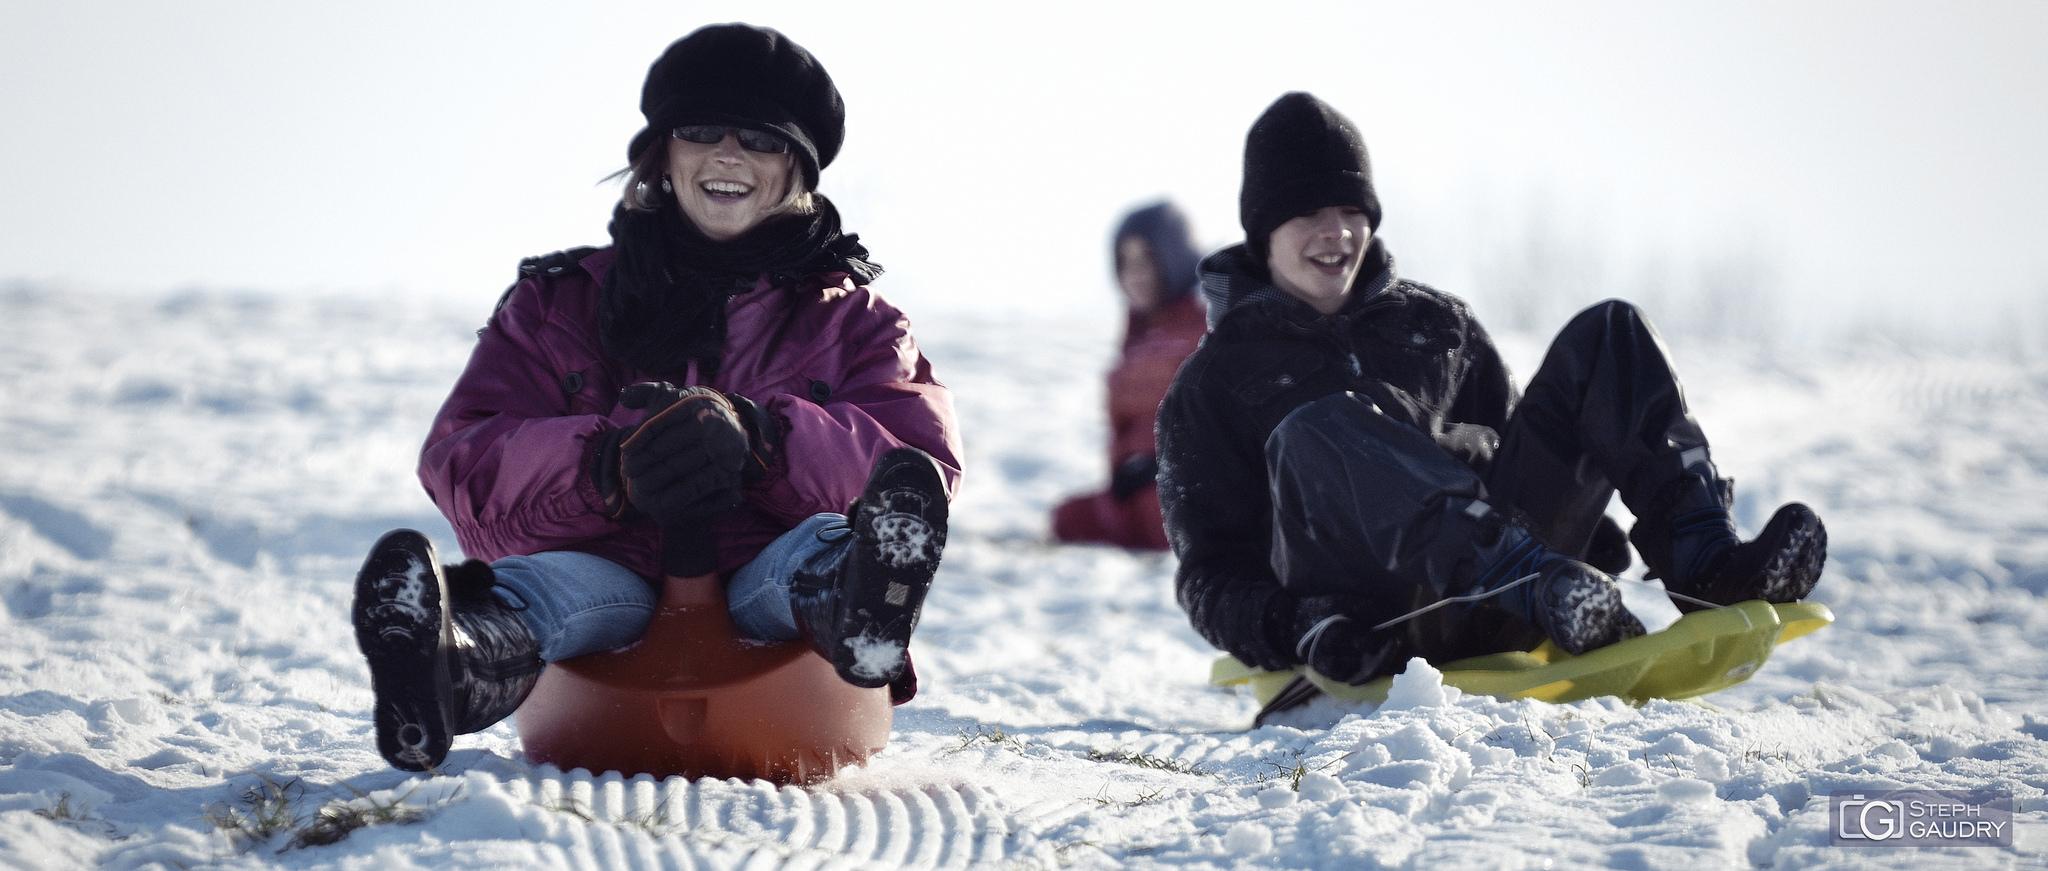 Snow sled races